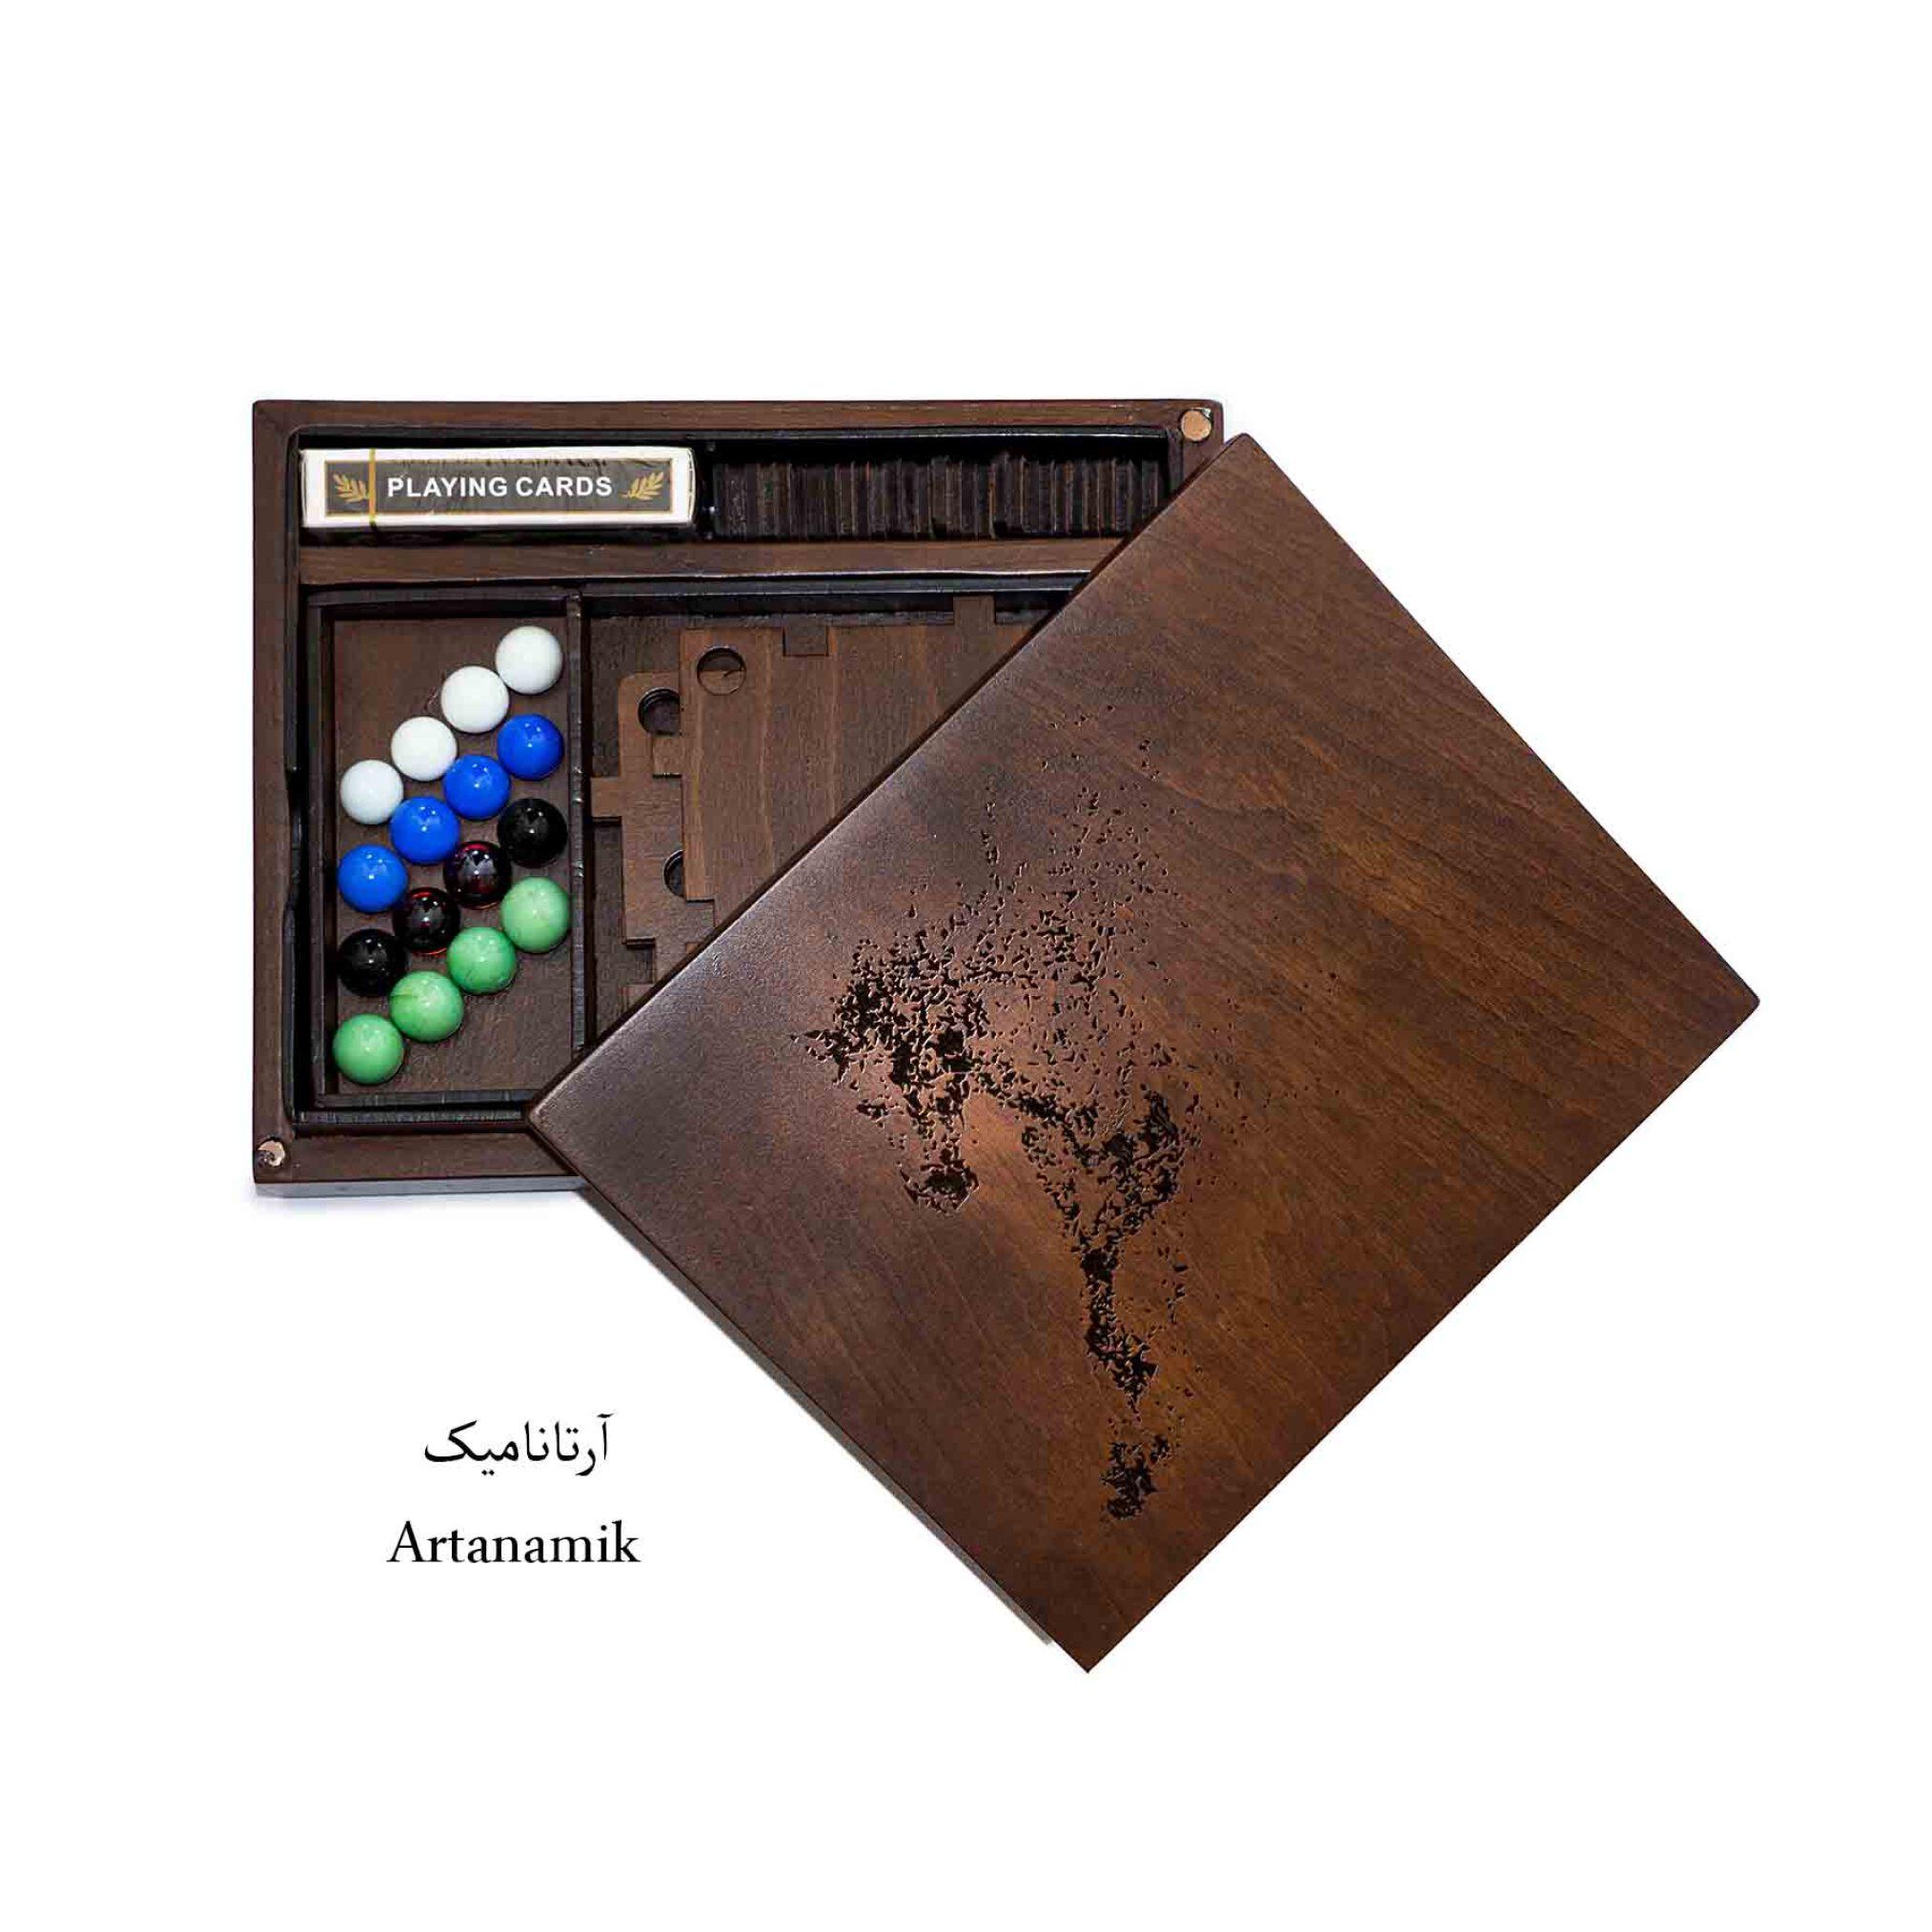 باکس کادویی شامل 4 بازی : منچ، دومینو ، کارت ، تخته نرد.